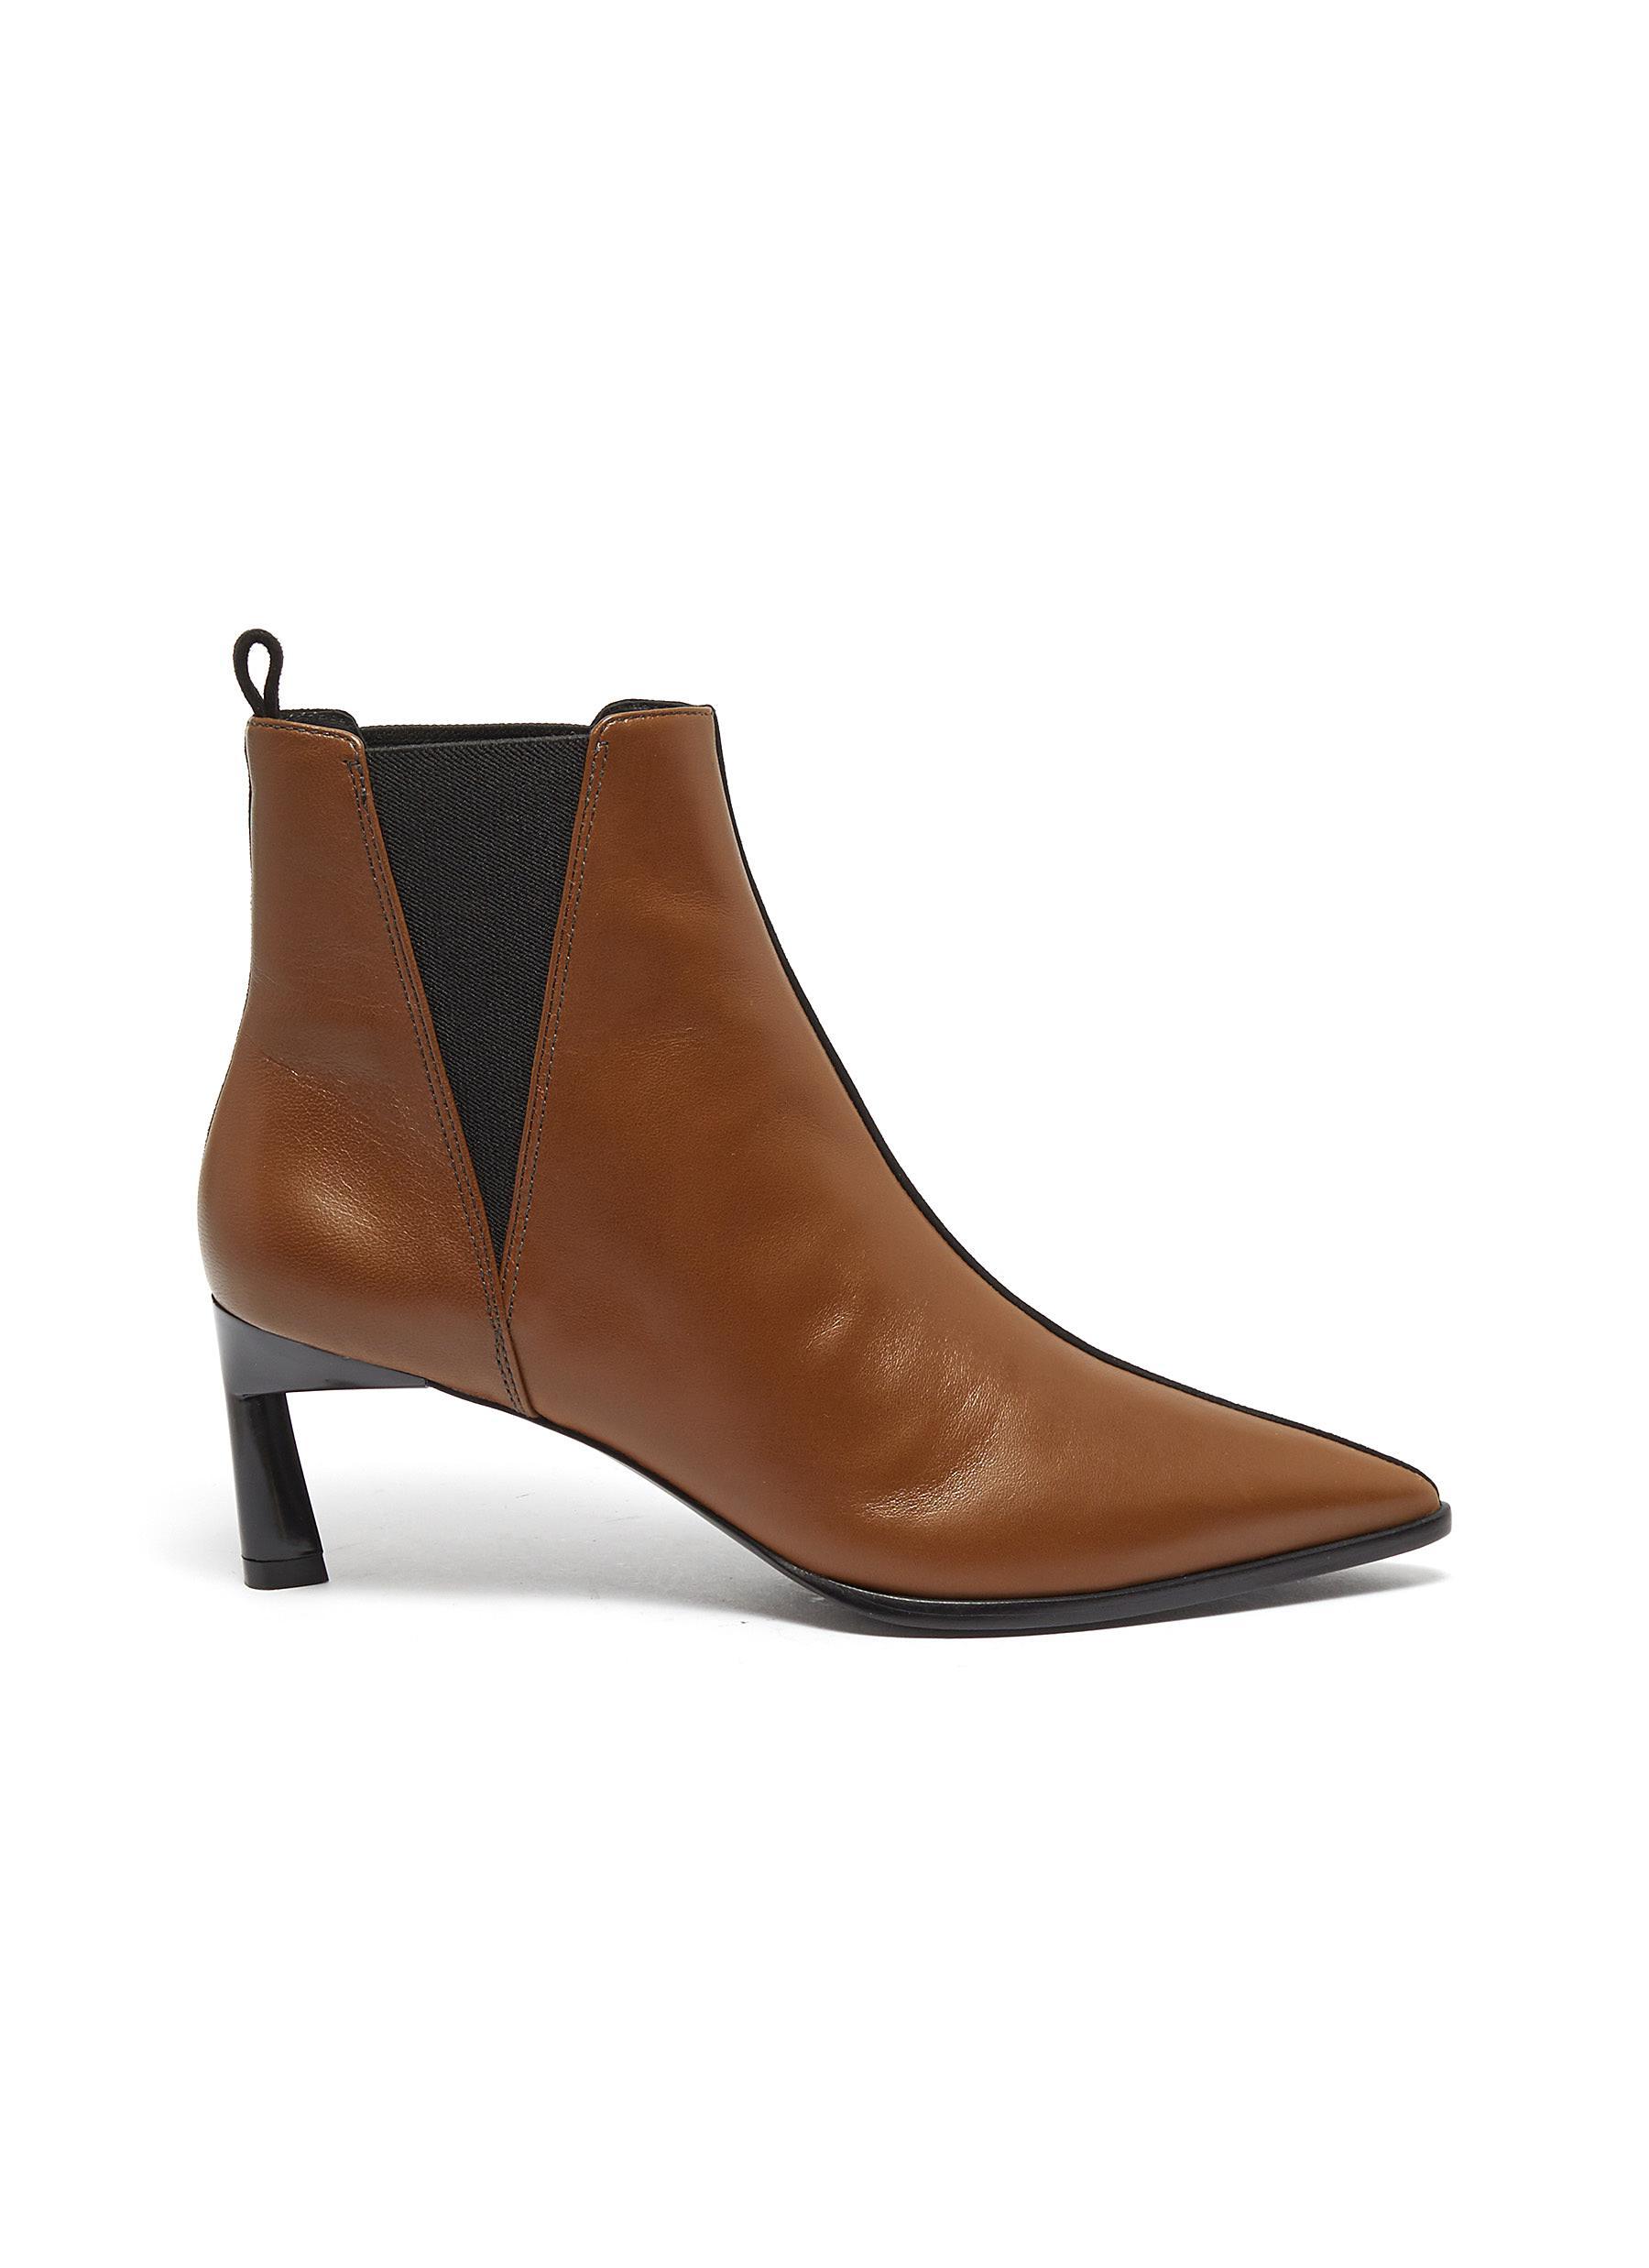 Photo of Mercedes Castillo Shoes Boots online sale